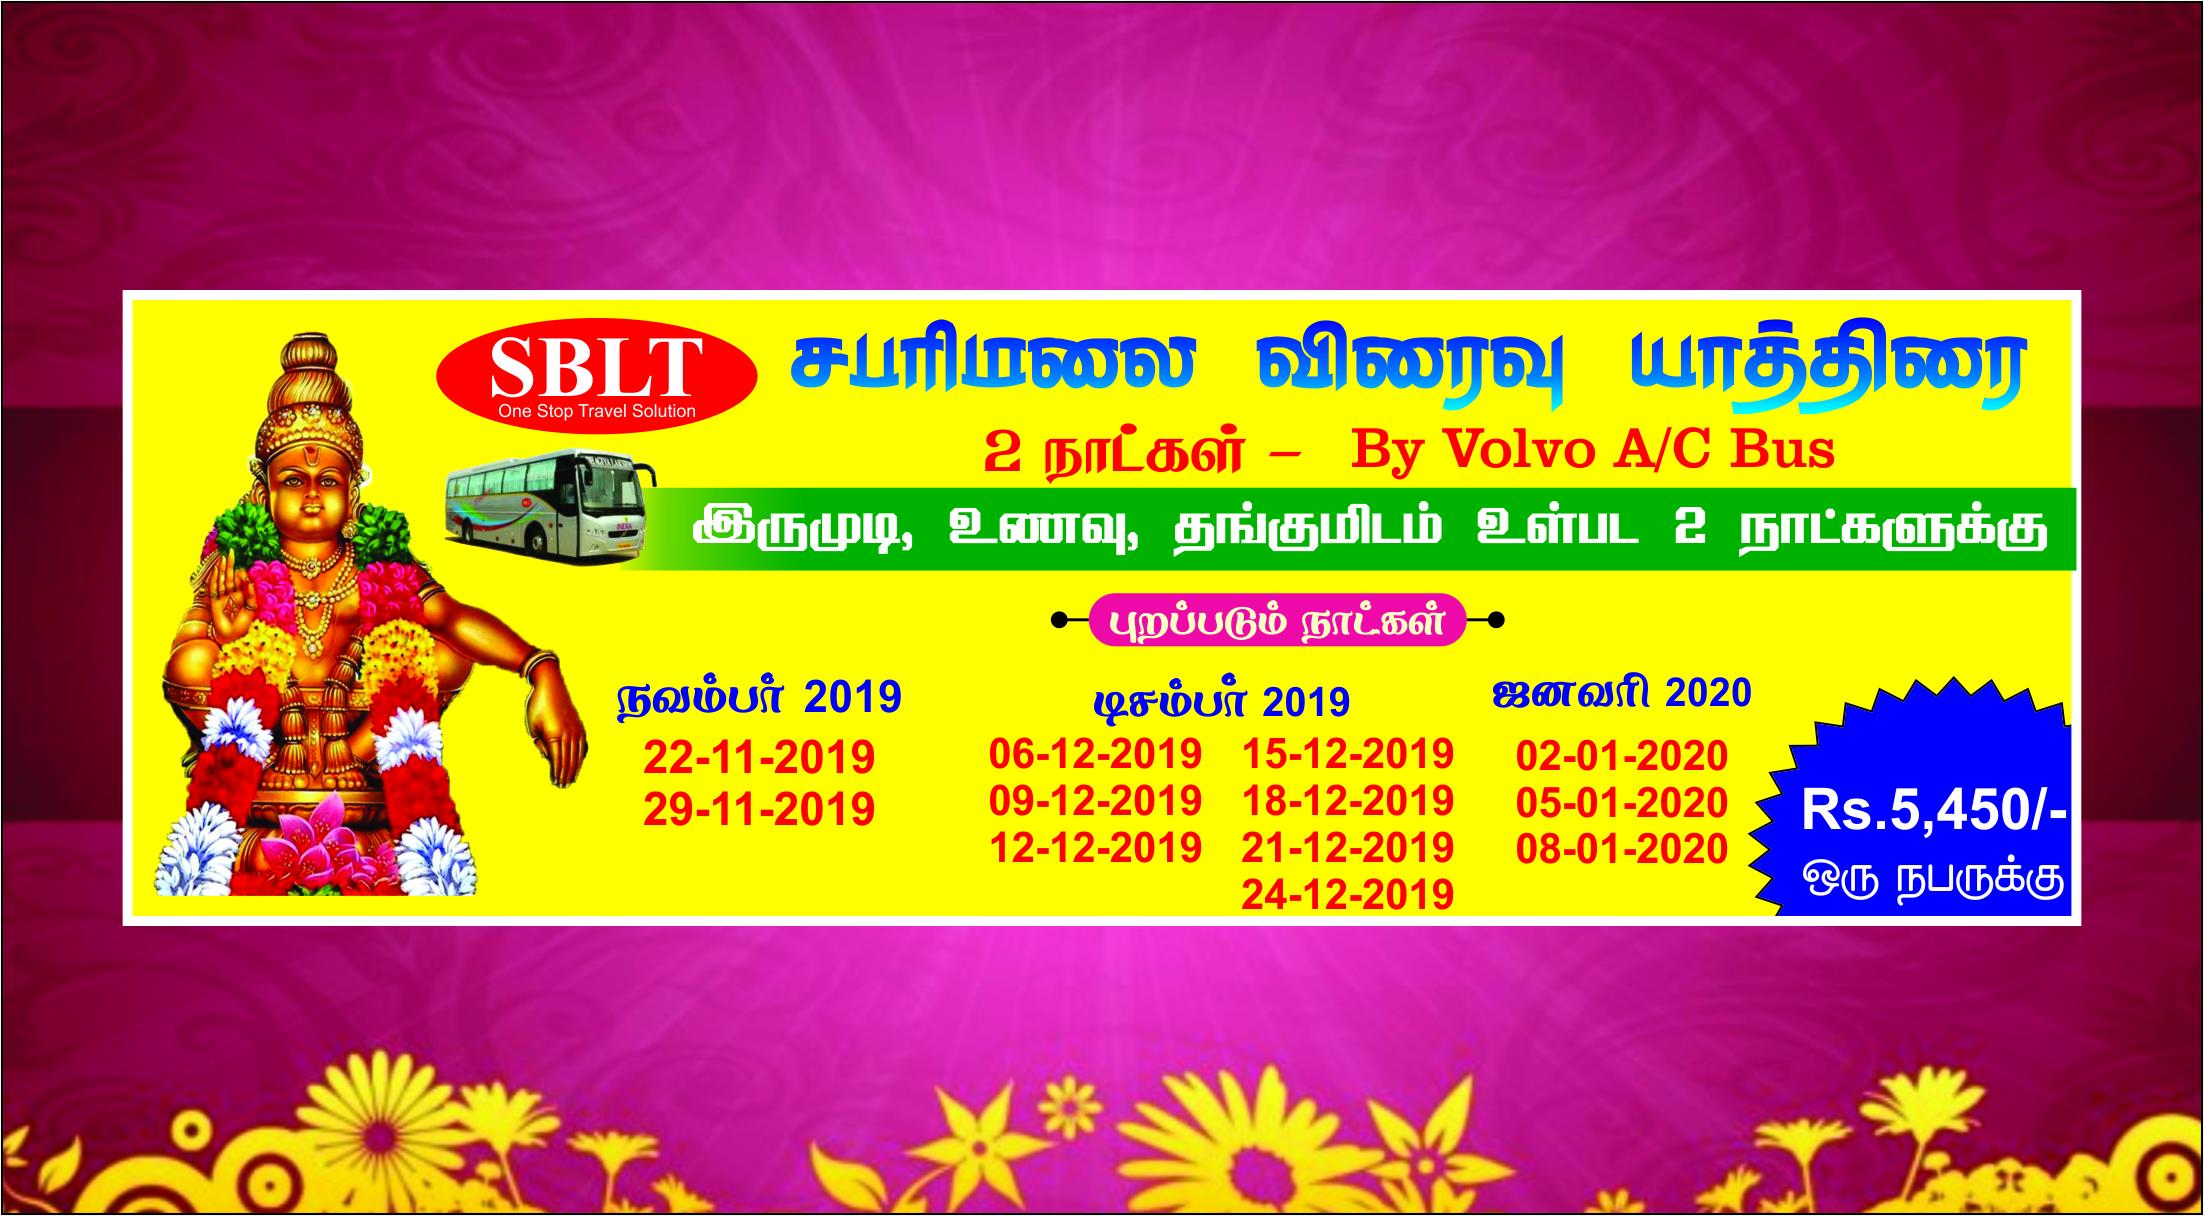 SBLT Sabari Speed Yathra Sleeper coach 2019